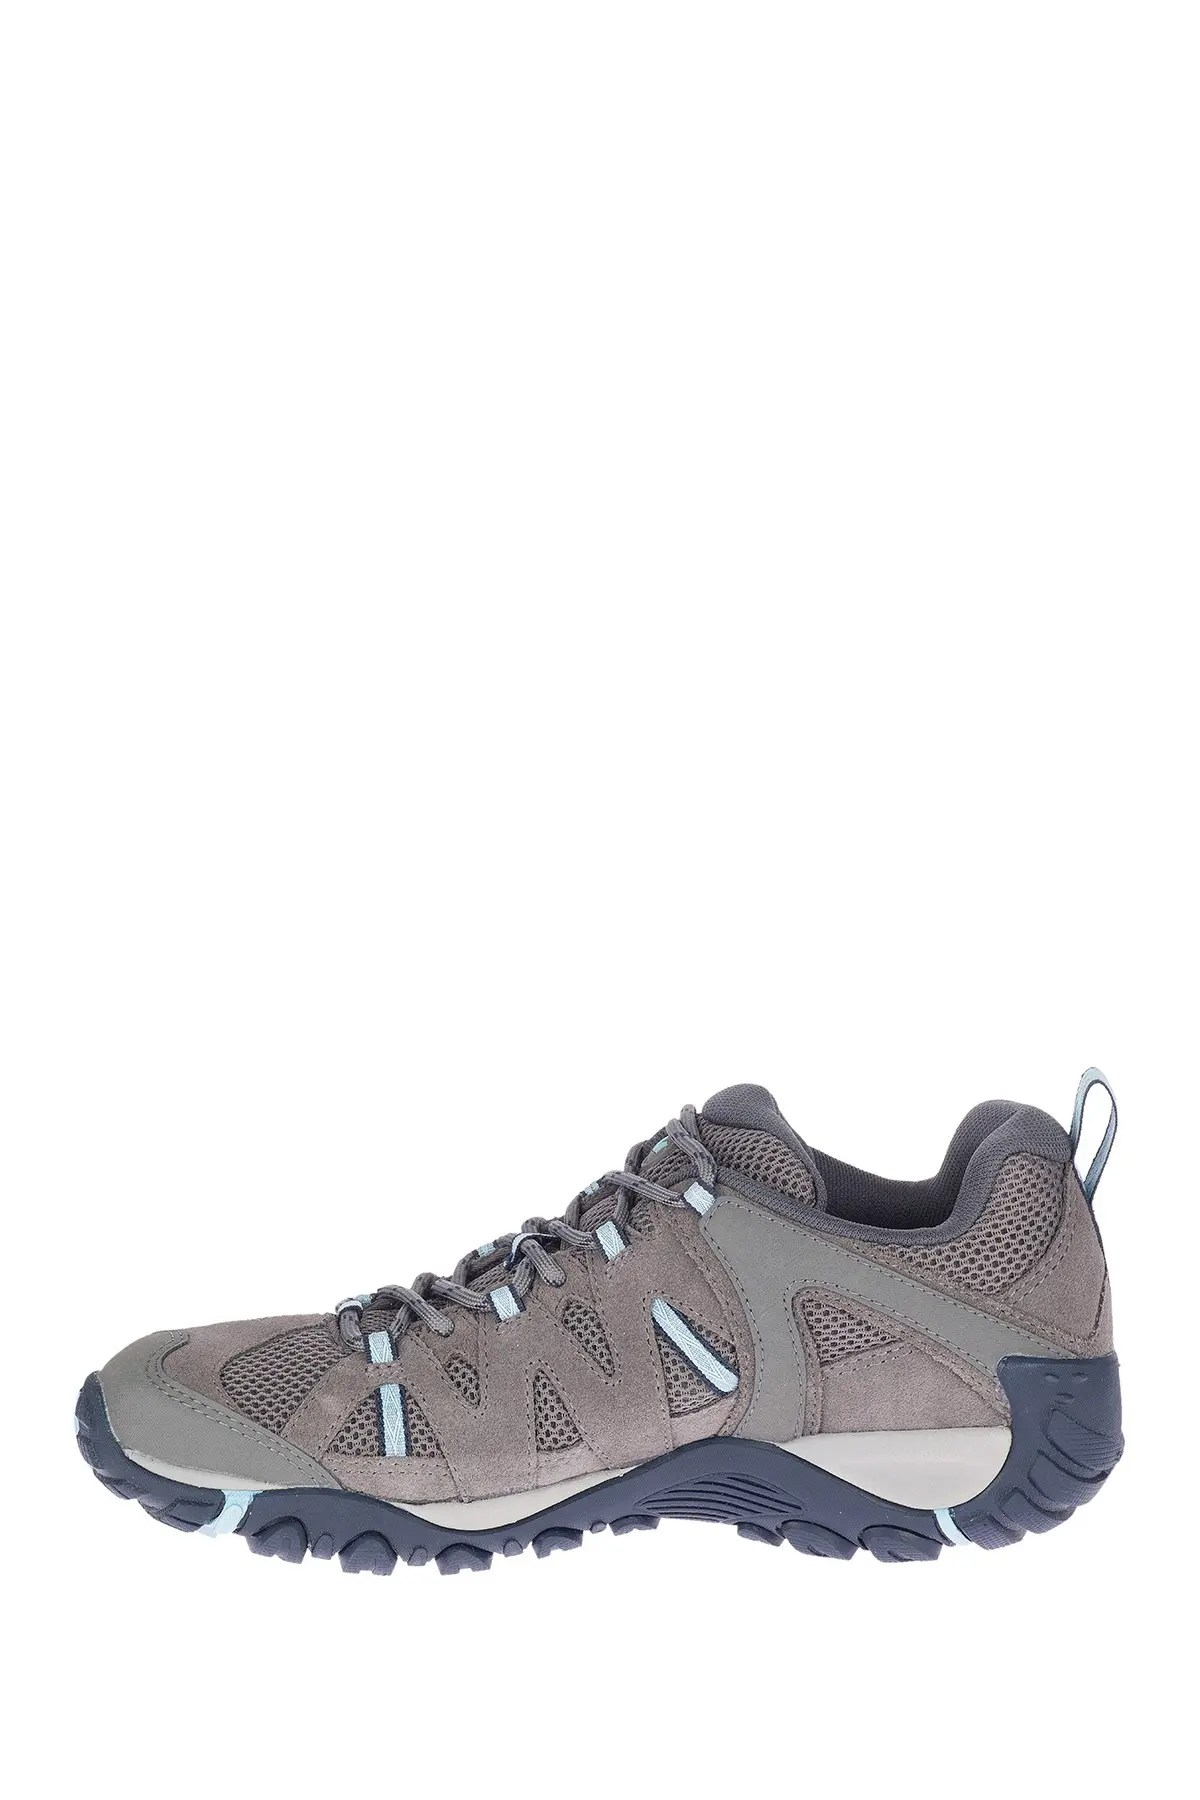 deverta 2 hiking sneaker